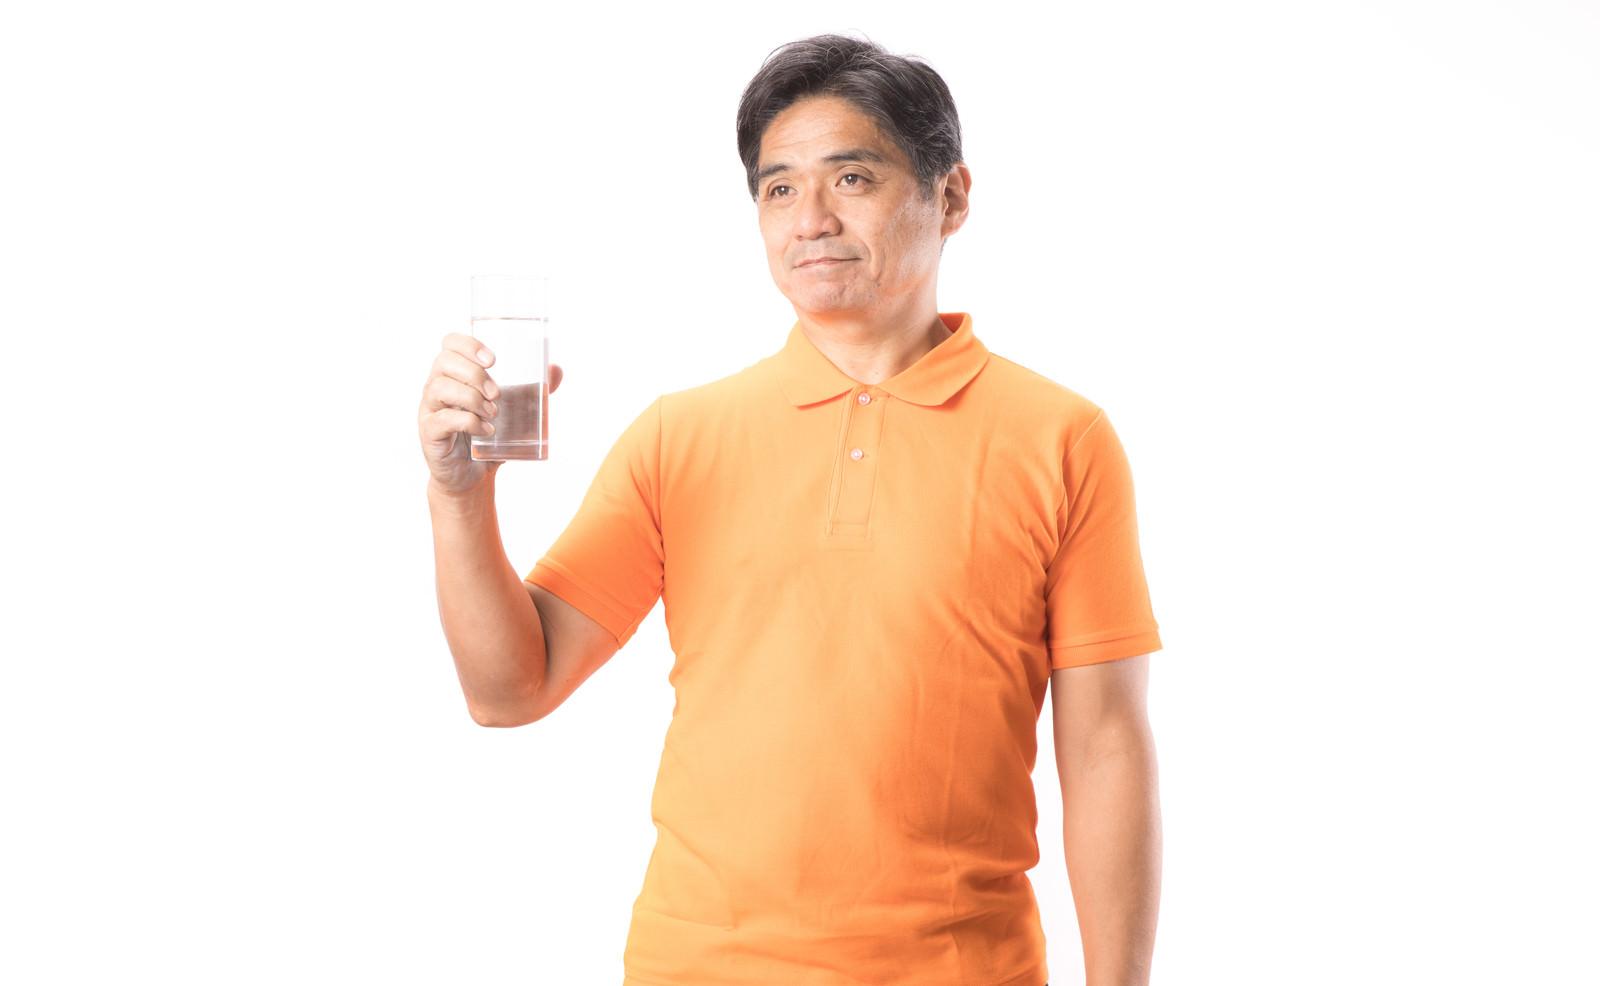 「水分補給を欠かさないお父さん水分補給を欠かさないお父さん」[モデル:よたか]のフリー写真素材を拡大